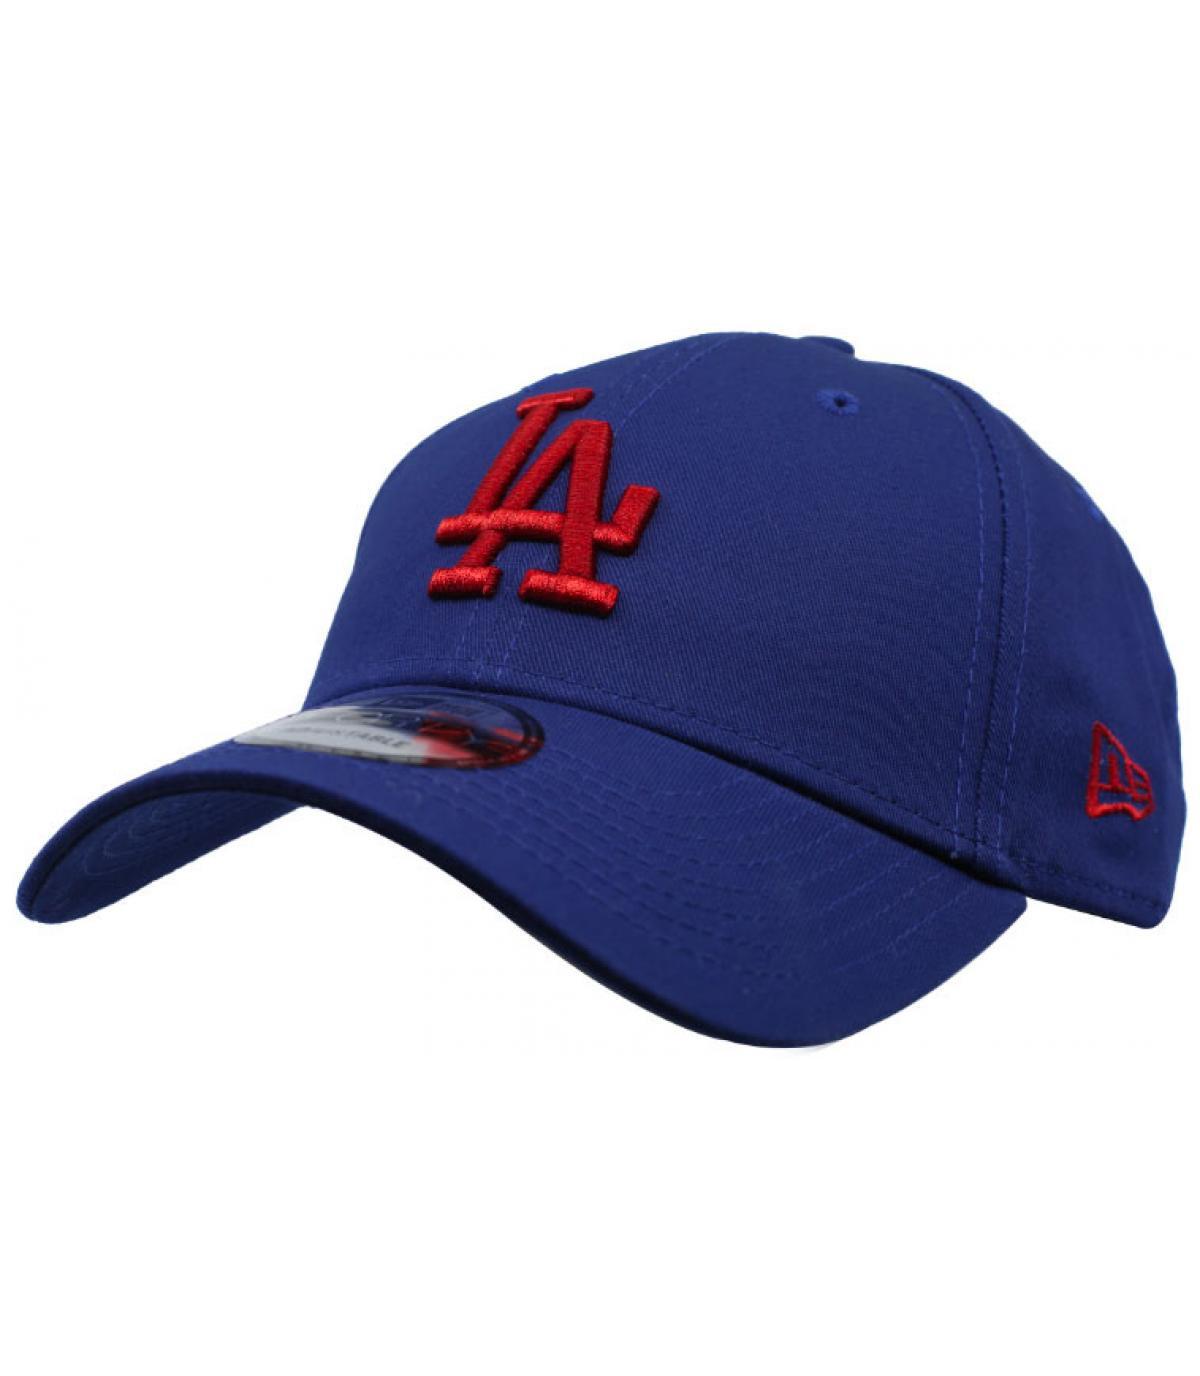 New Era blau - New Era Cap blau. 2ef90d317ab